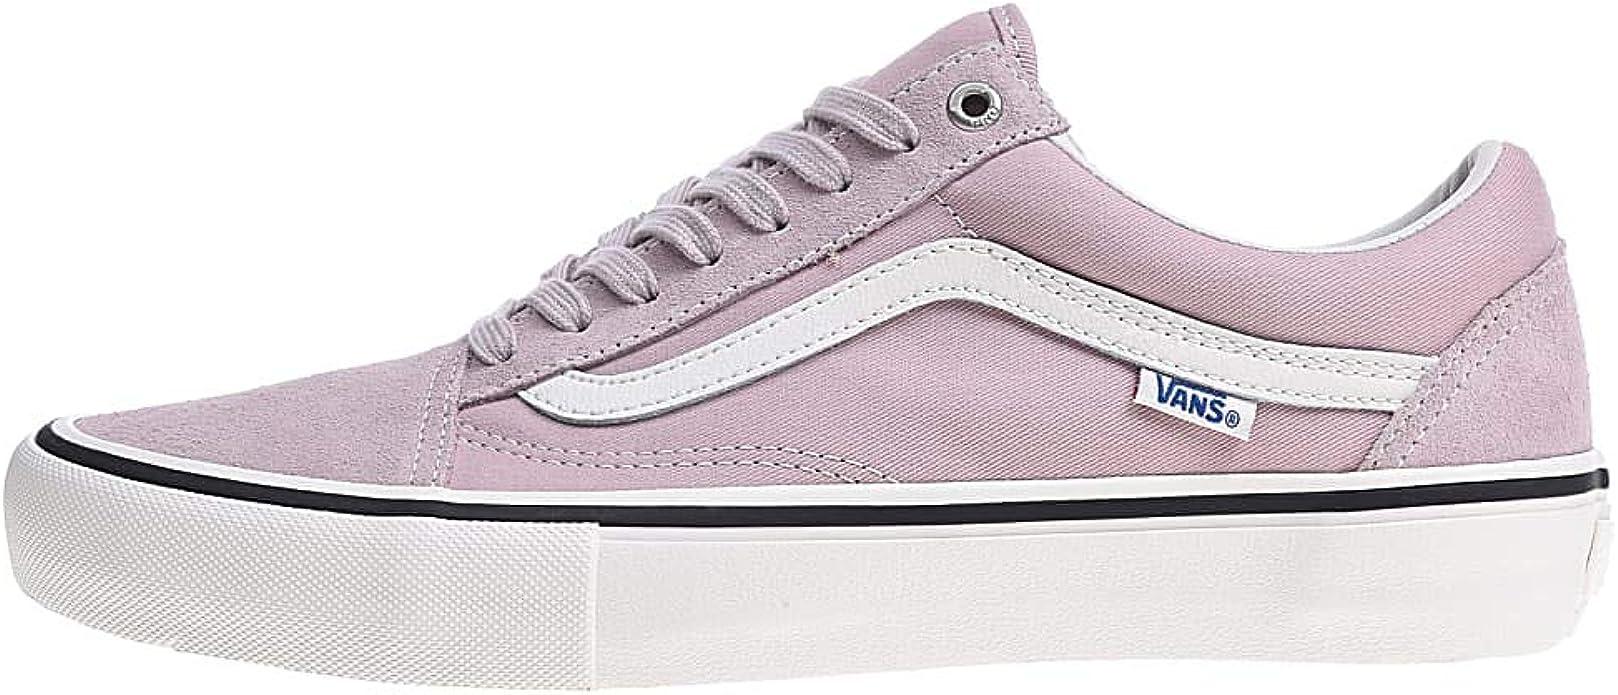 Amazon.com: Vans Old Skool Pro Shoes 13